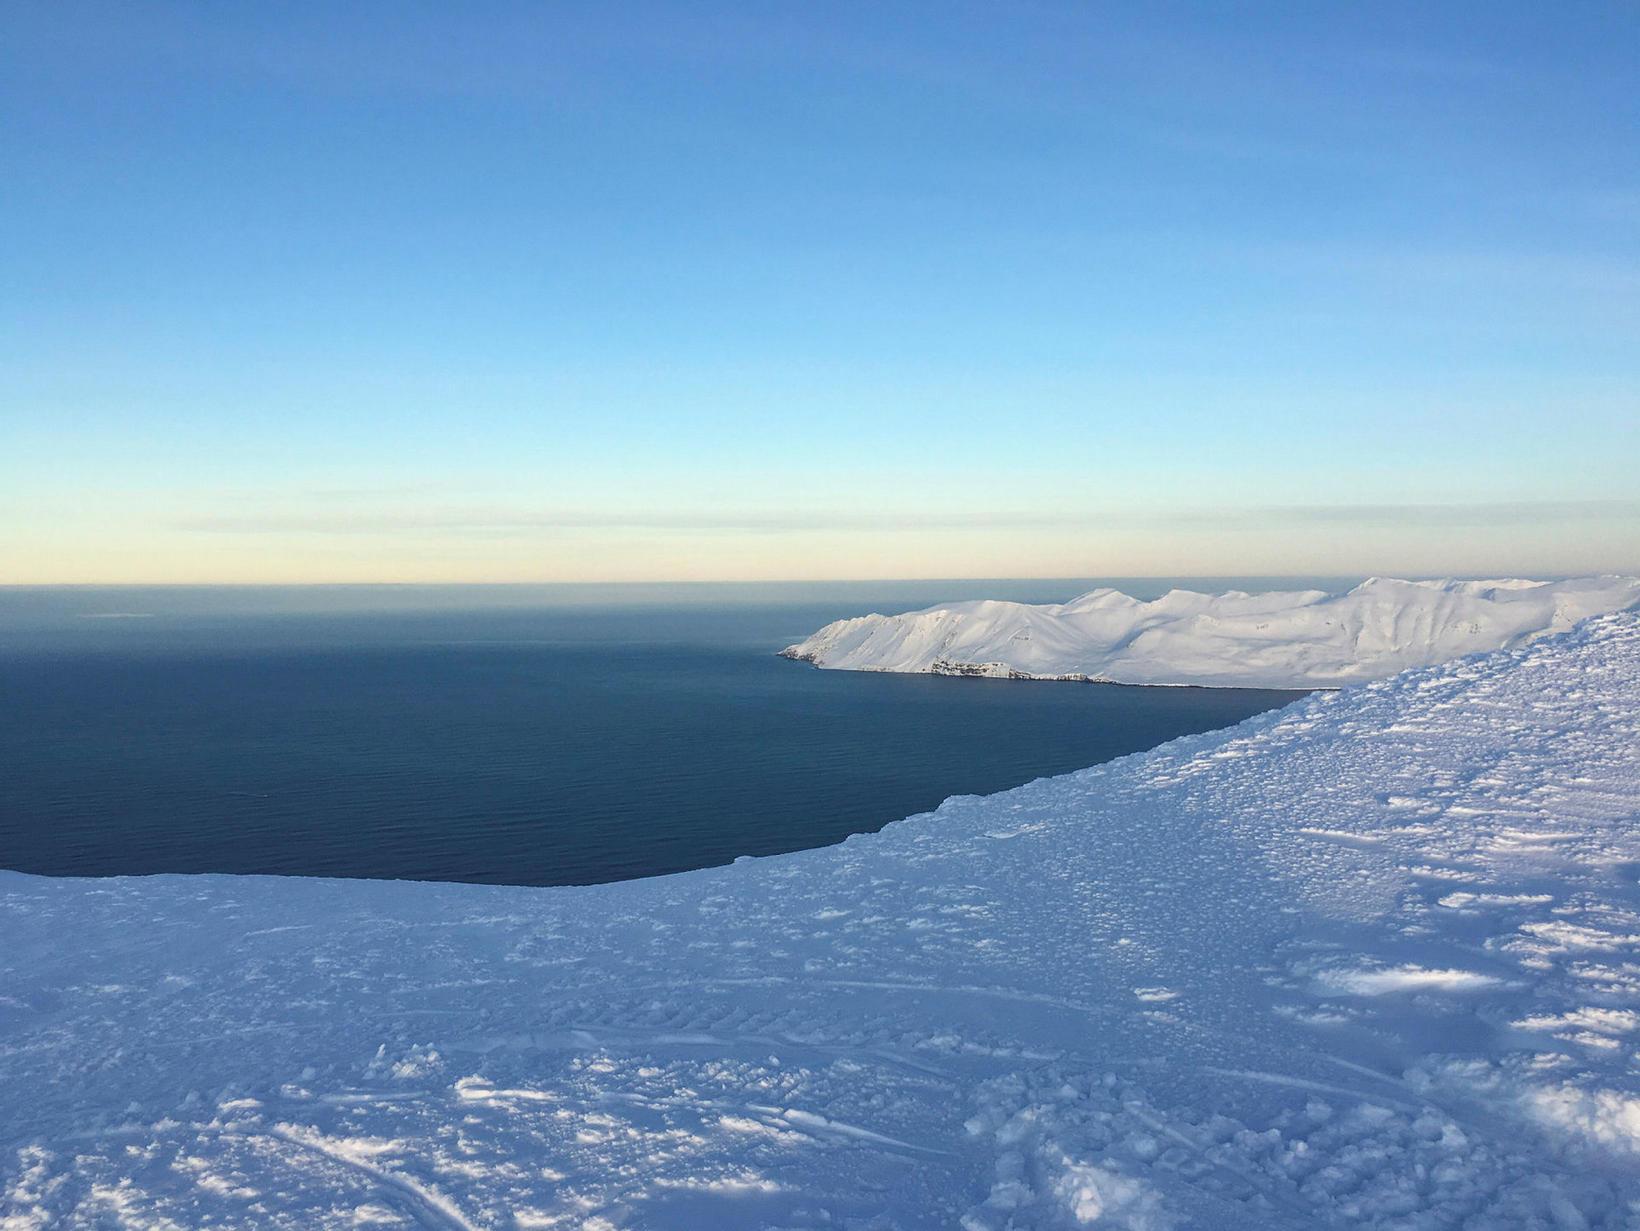 Í norðurhlíðum Múlakollu blasir Atlantshafið við.